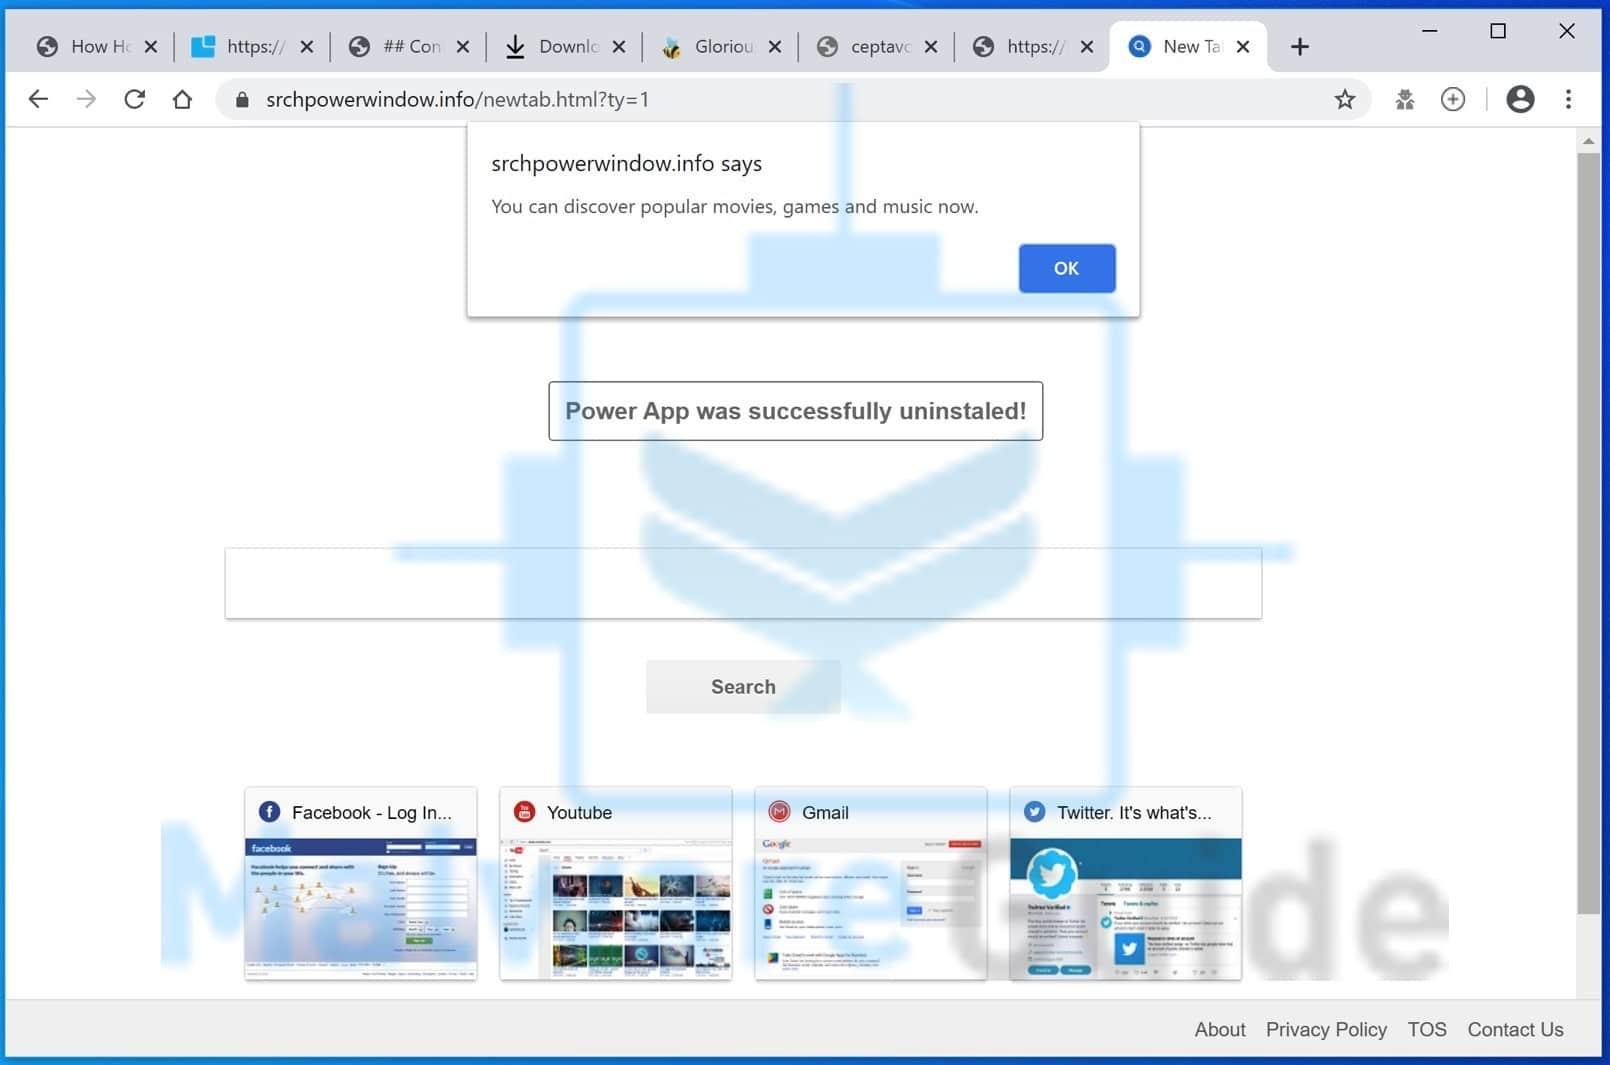 Srchpowerwindow.info malware